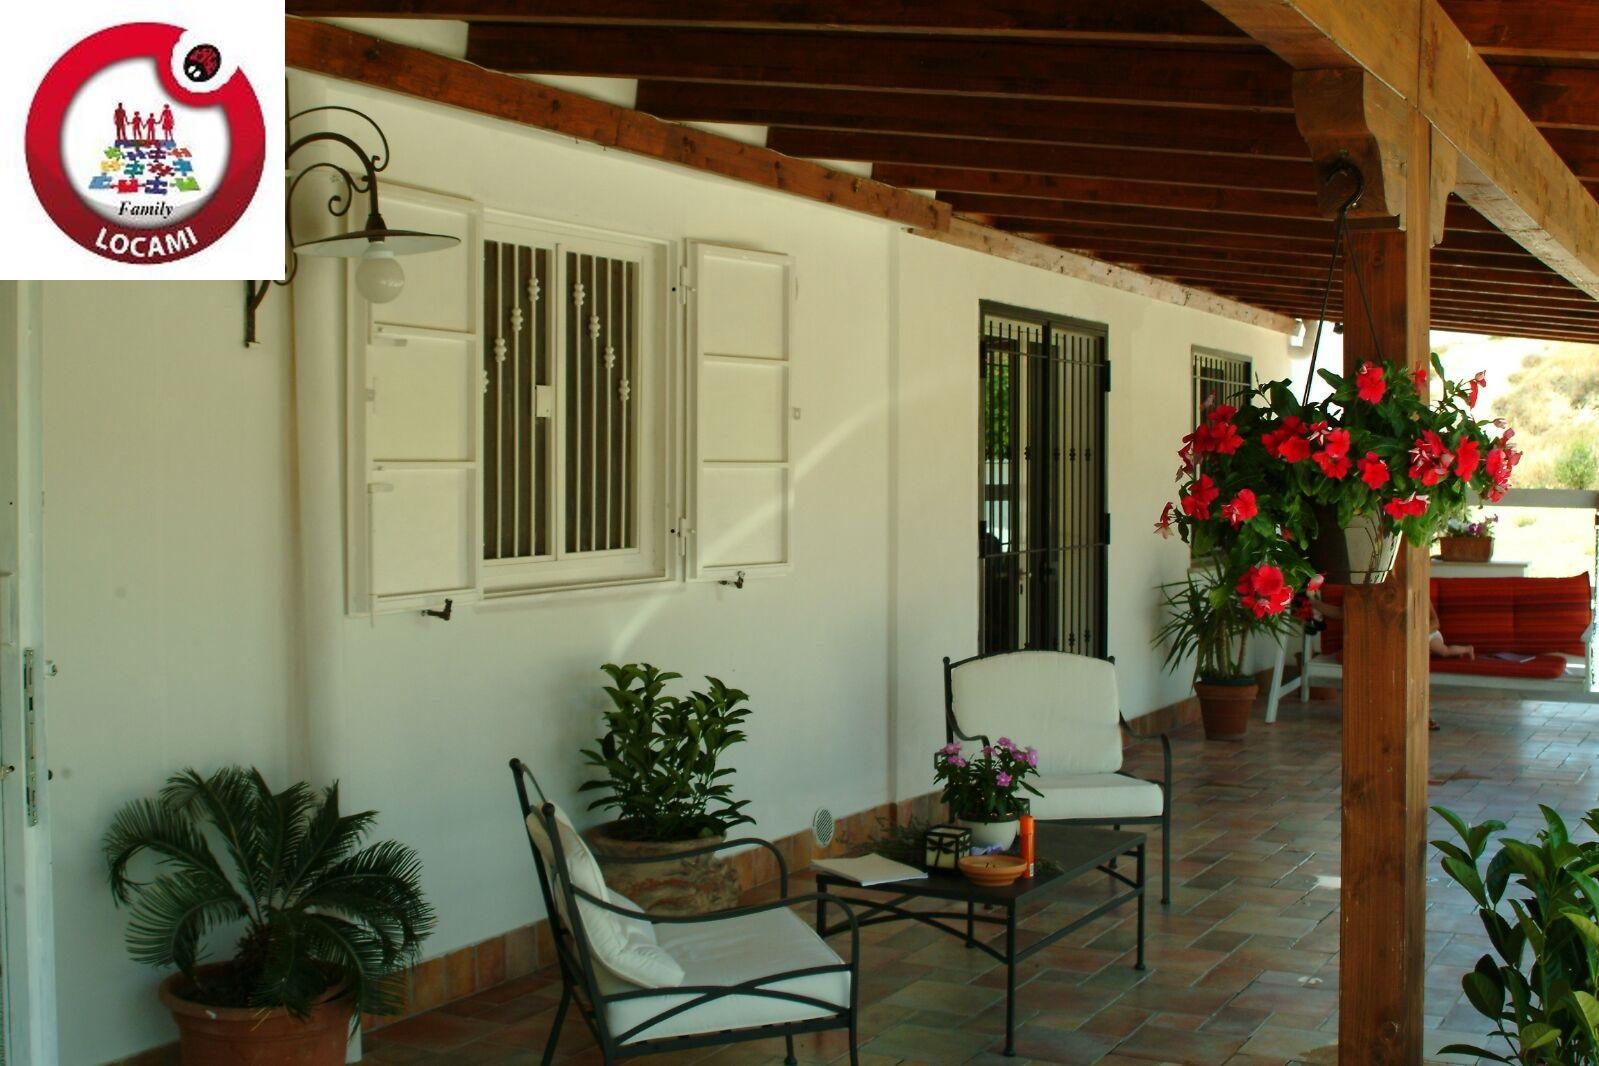 Villa in vendita a Agrigento, 4 locali, zona Località: VillaggioMosè, prezzo € 200.000 | Cambio Casa.it